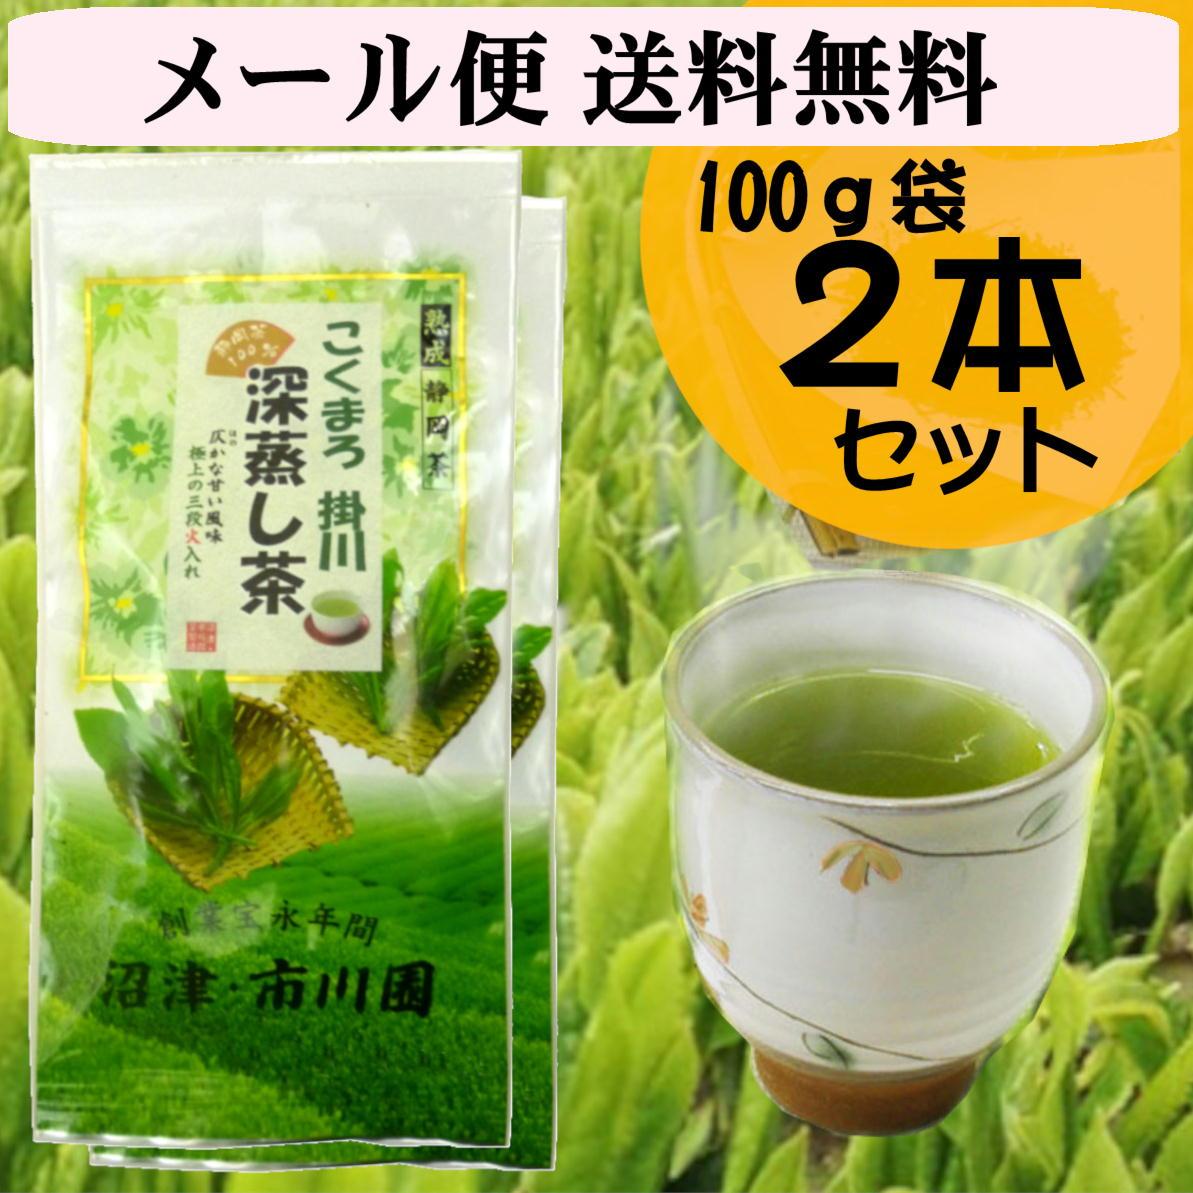 こくまろ掛川深蒸し茶100g袋-2